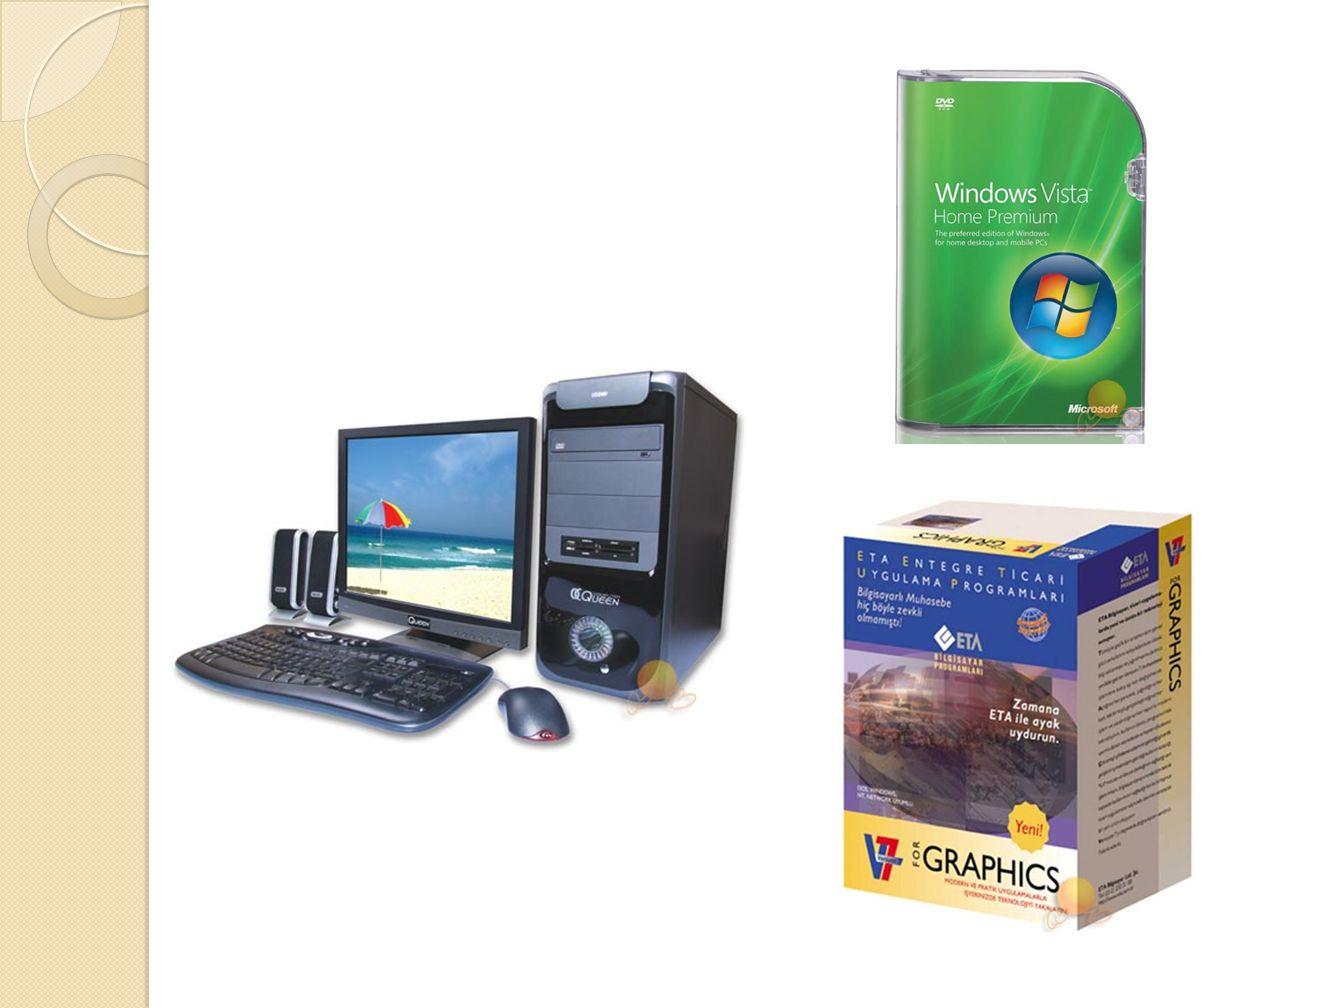 DVD+/- RW Sürücü DVD+/- RW Sürücü kaydedilebilir DVD'ler üzerine bilgi kaydetmeye yarayan bir cihazdır.